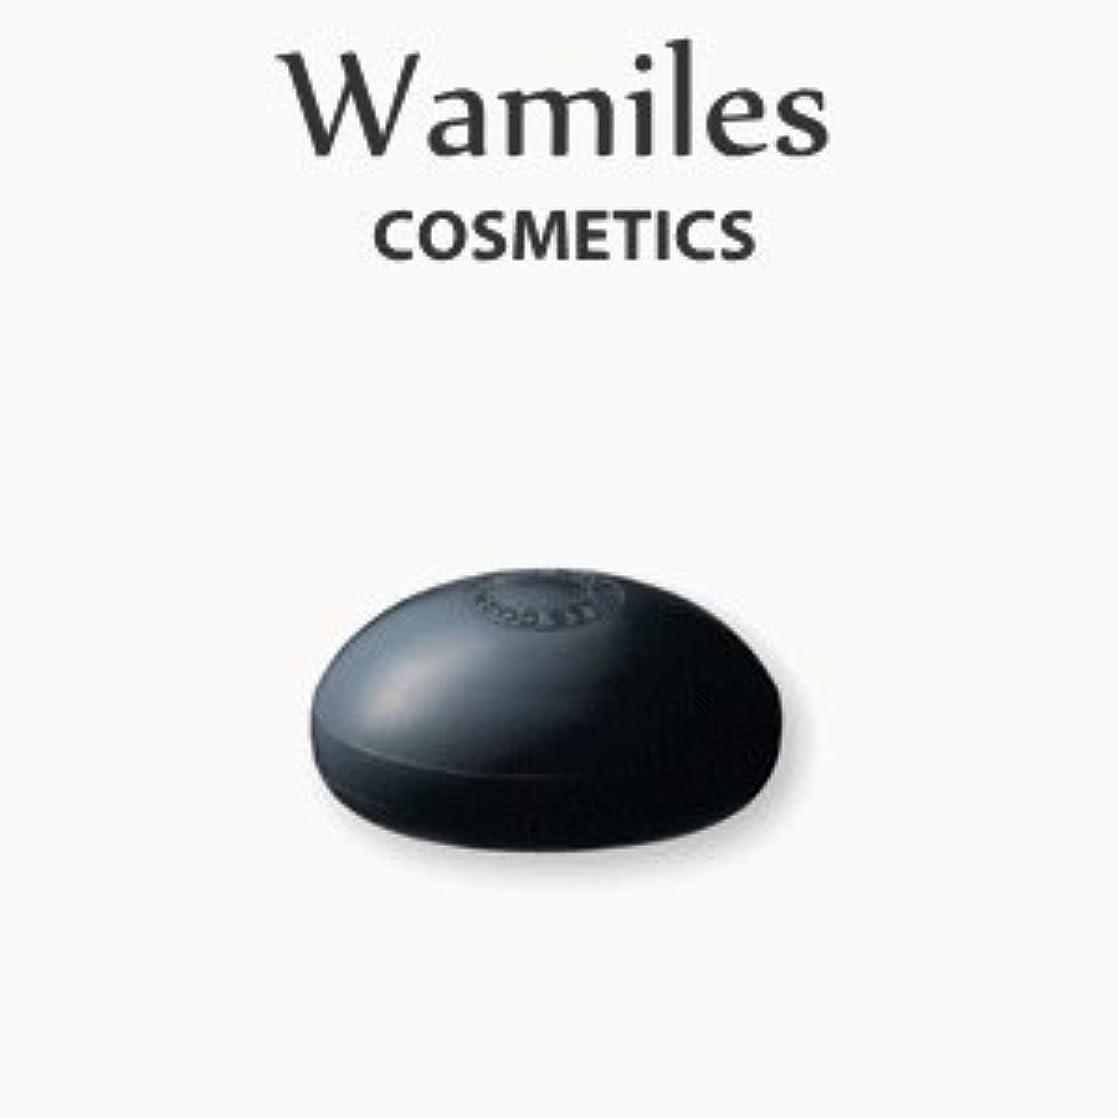 邪魔英語の授業があります相対性理論wamiles/ワミレス ザ ミネラルソープ 110g